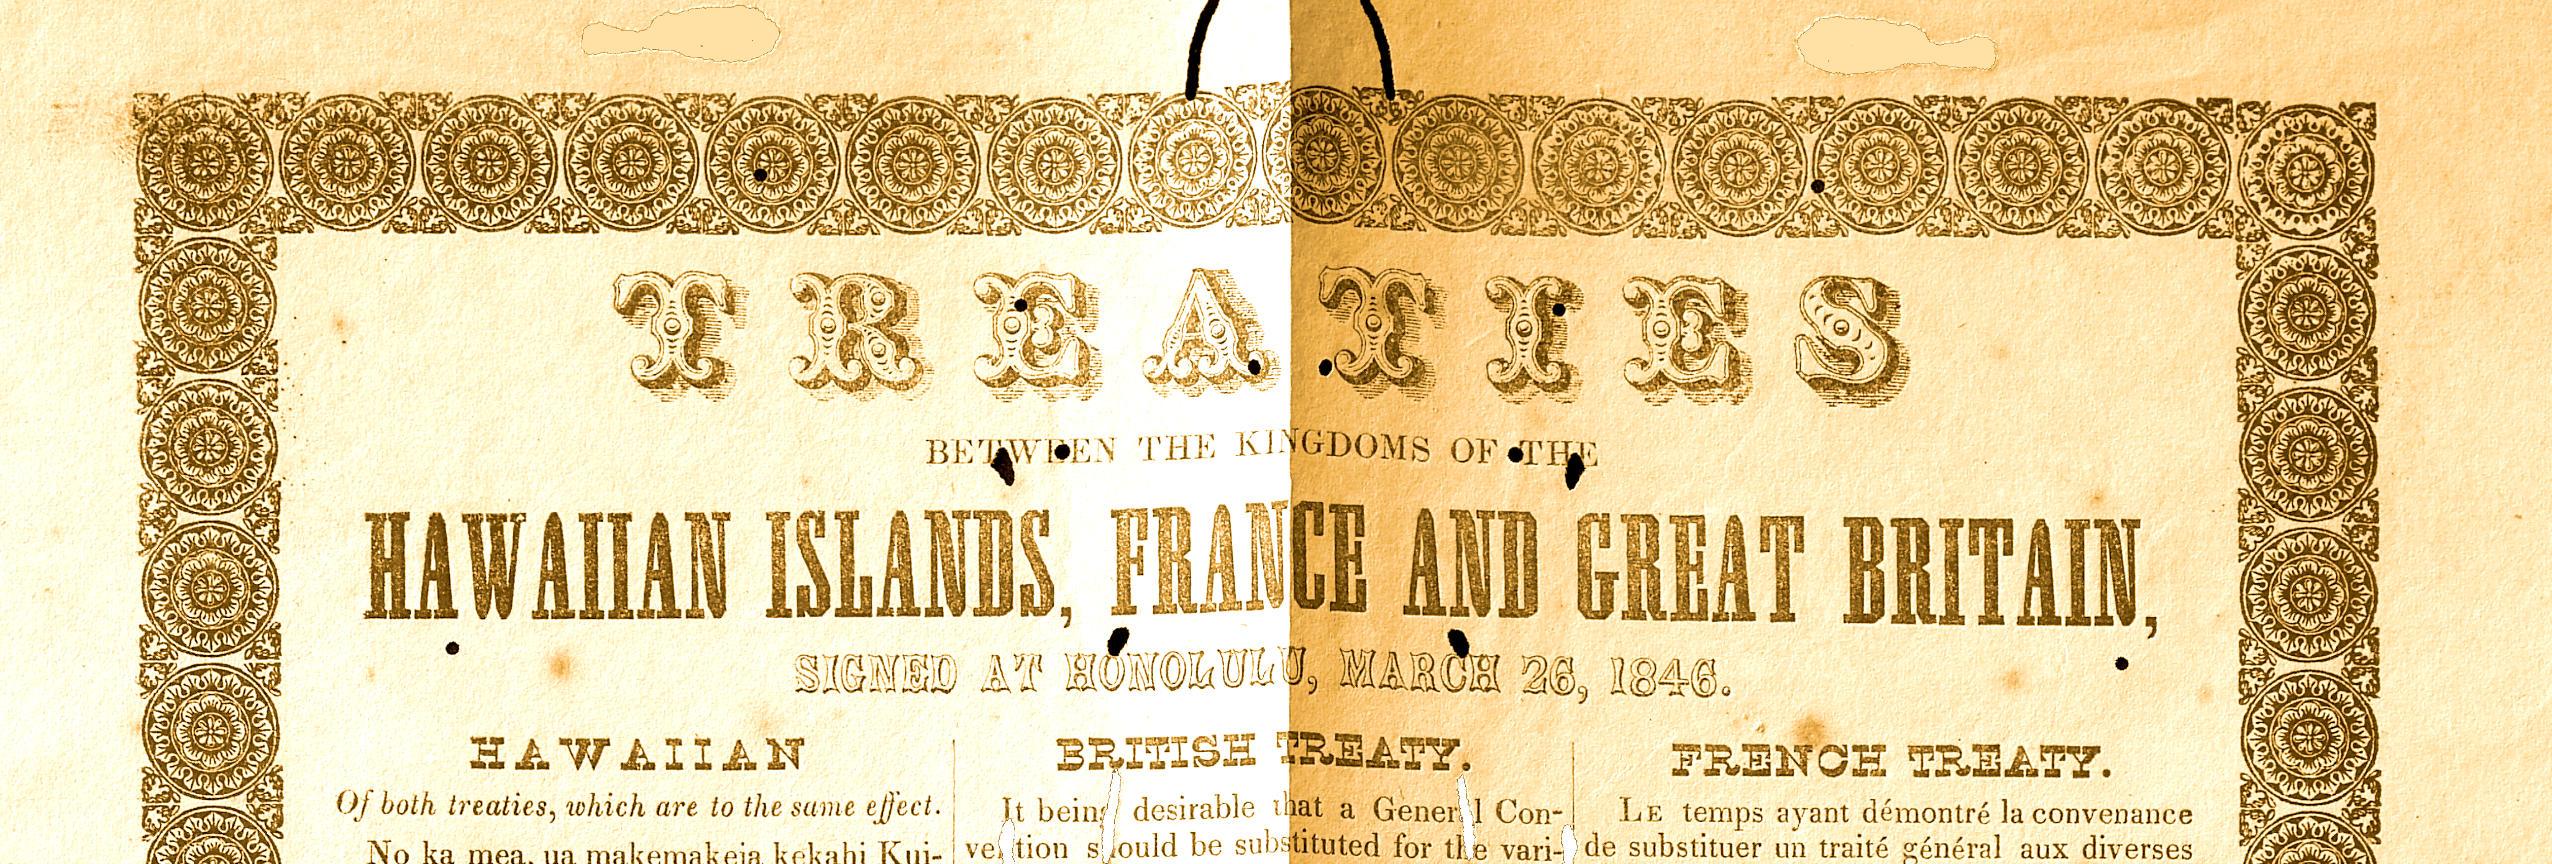 Traités entre les royaumes des îles hawaii, de France et de Grande bretagne signés à honolulu le 26 mars 1846